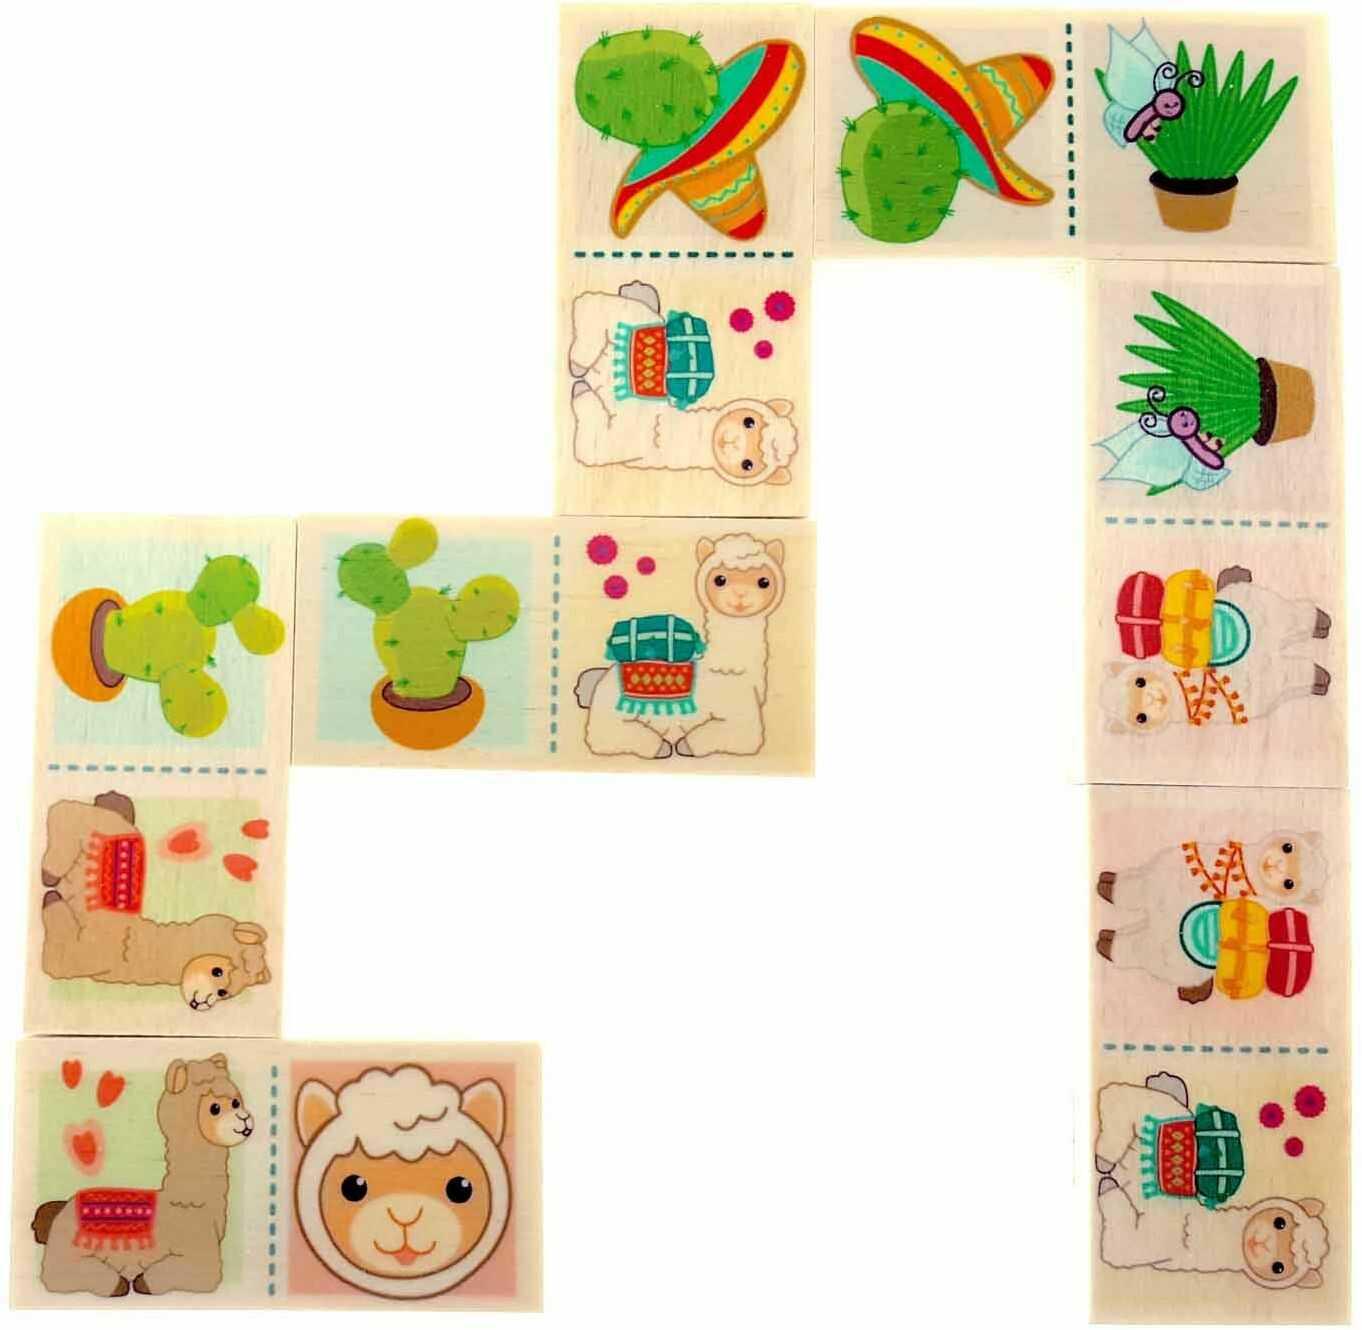 Hess drewniana zabawka 14964 Domino dla dzieci od 3 lat, lama, 28 części, prezent na urodziny, Boże Narodzenie lub Wielkanoc